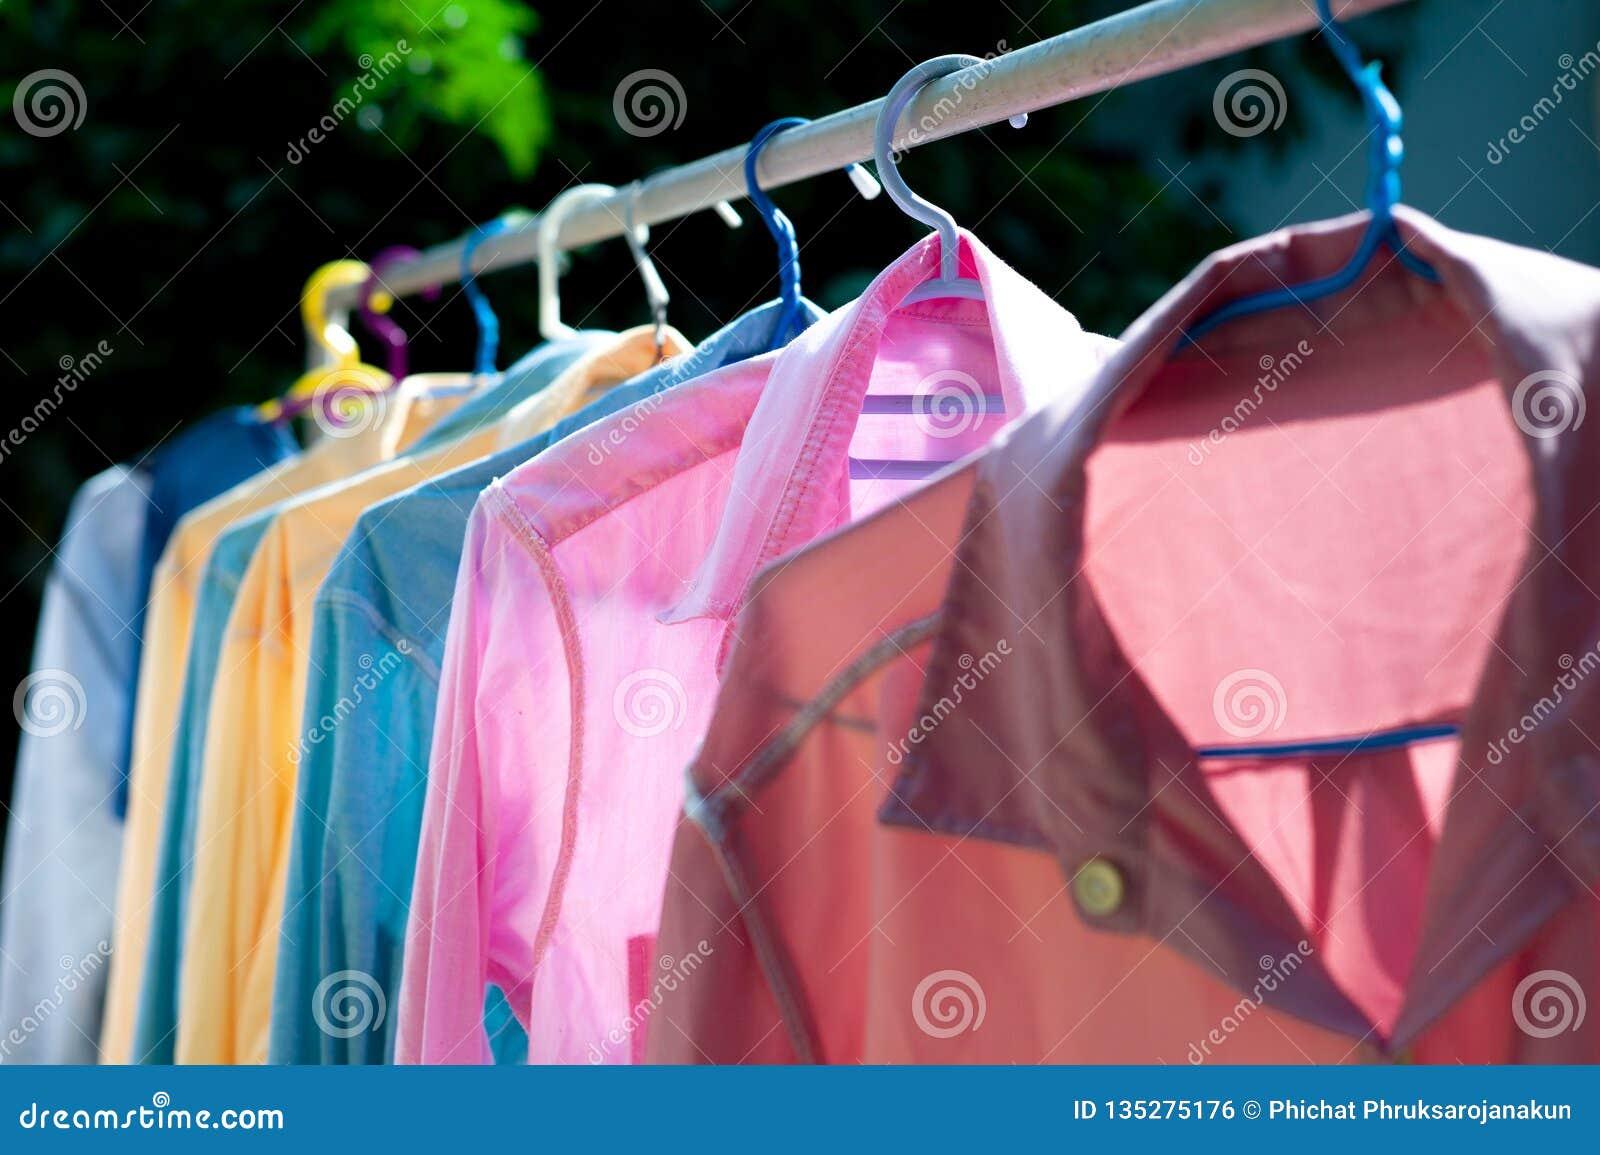 Färgrik våt kläder som hänger på stålklädstrecket för att torka vid värmen av solen